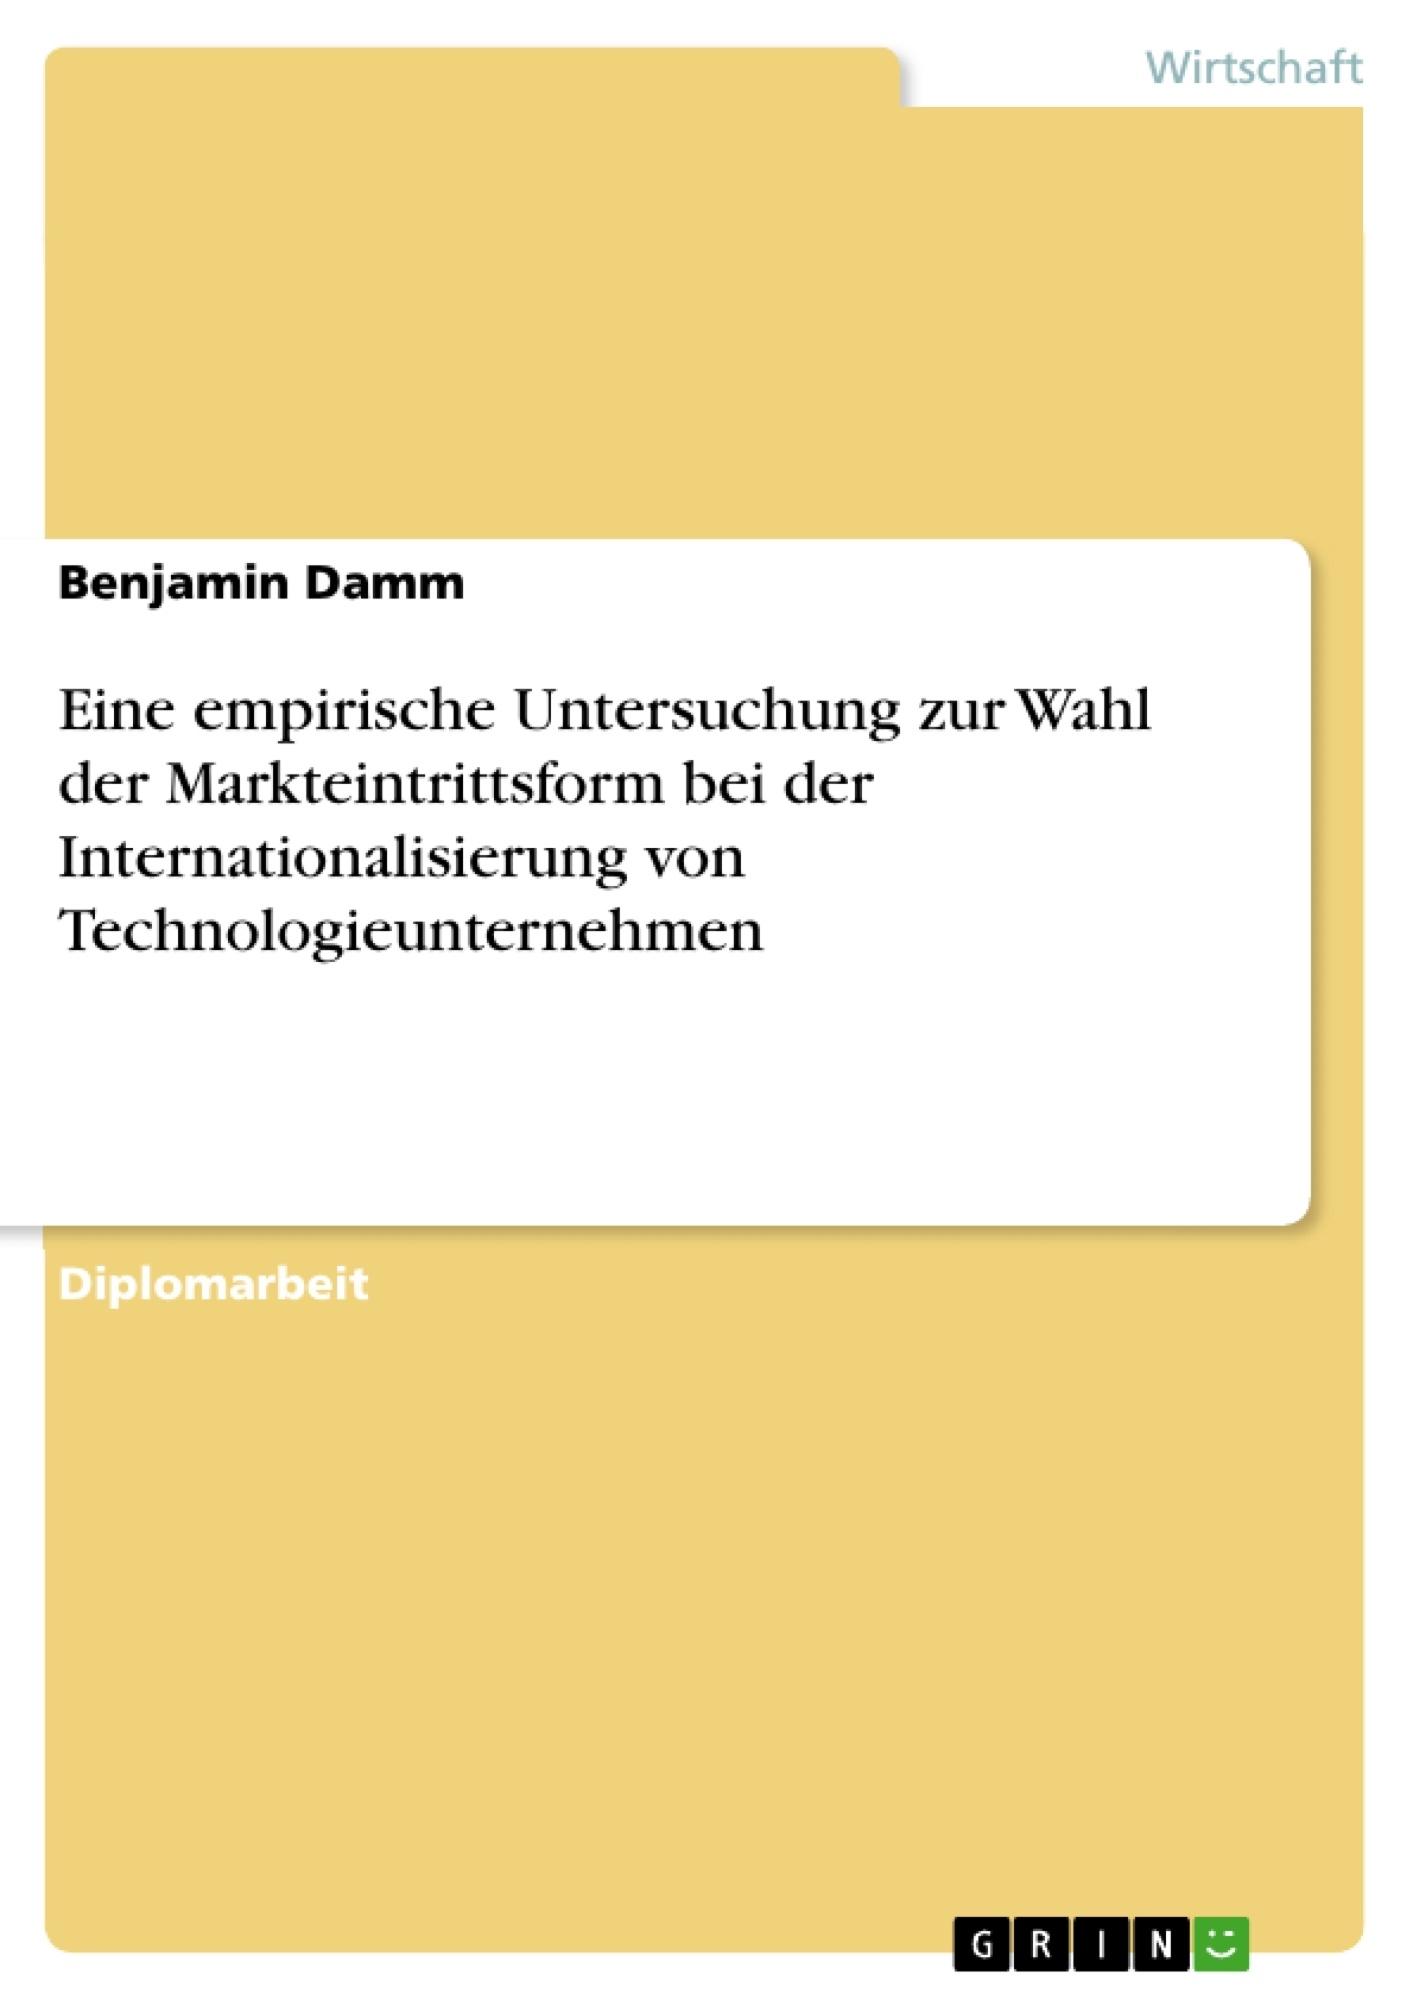 Titel: Eine empirische Untersuchung zur Wahl der Markteintrittsform bei der Internationalisierung von Technologieunternehmen